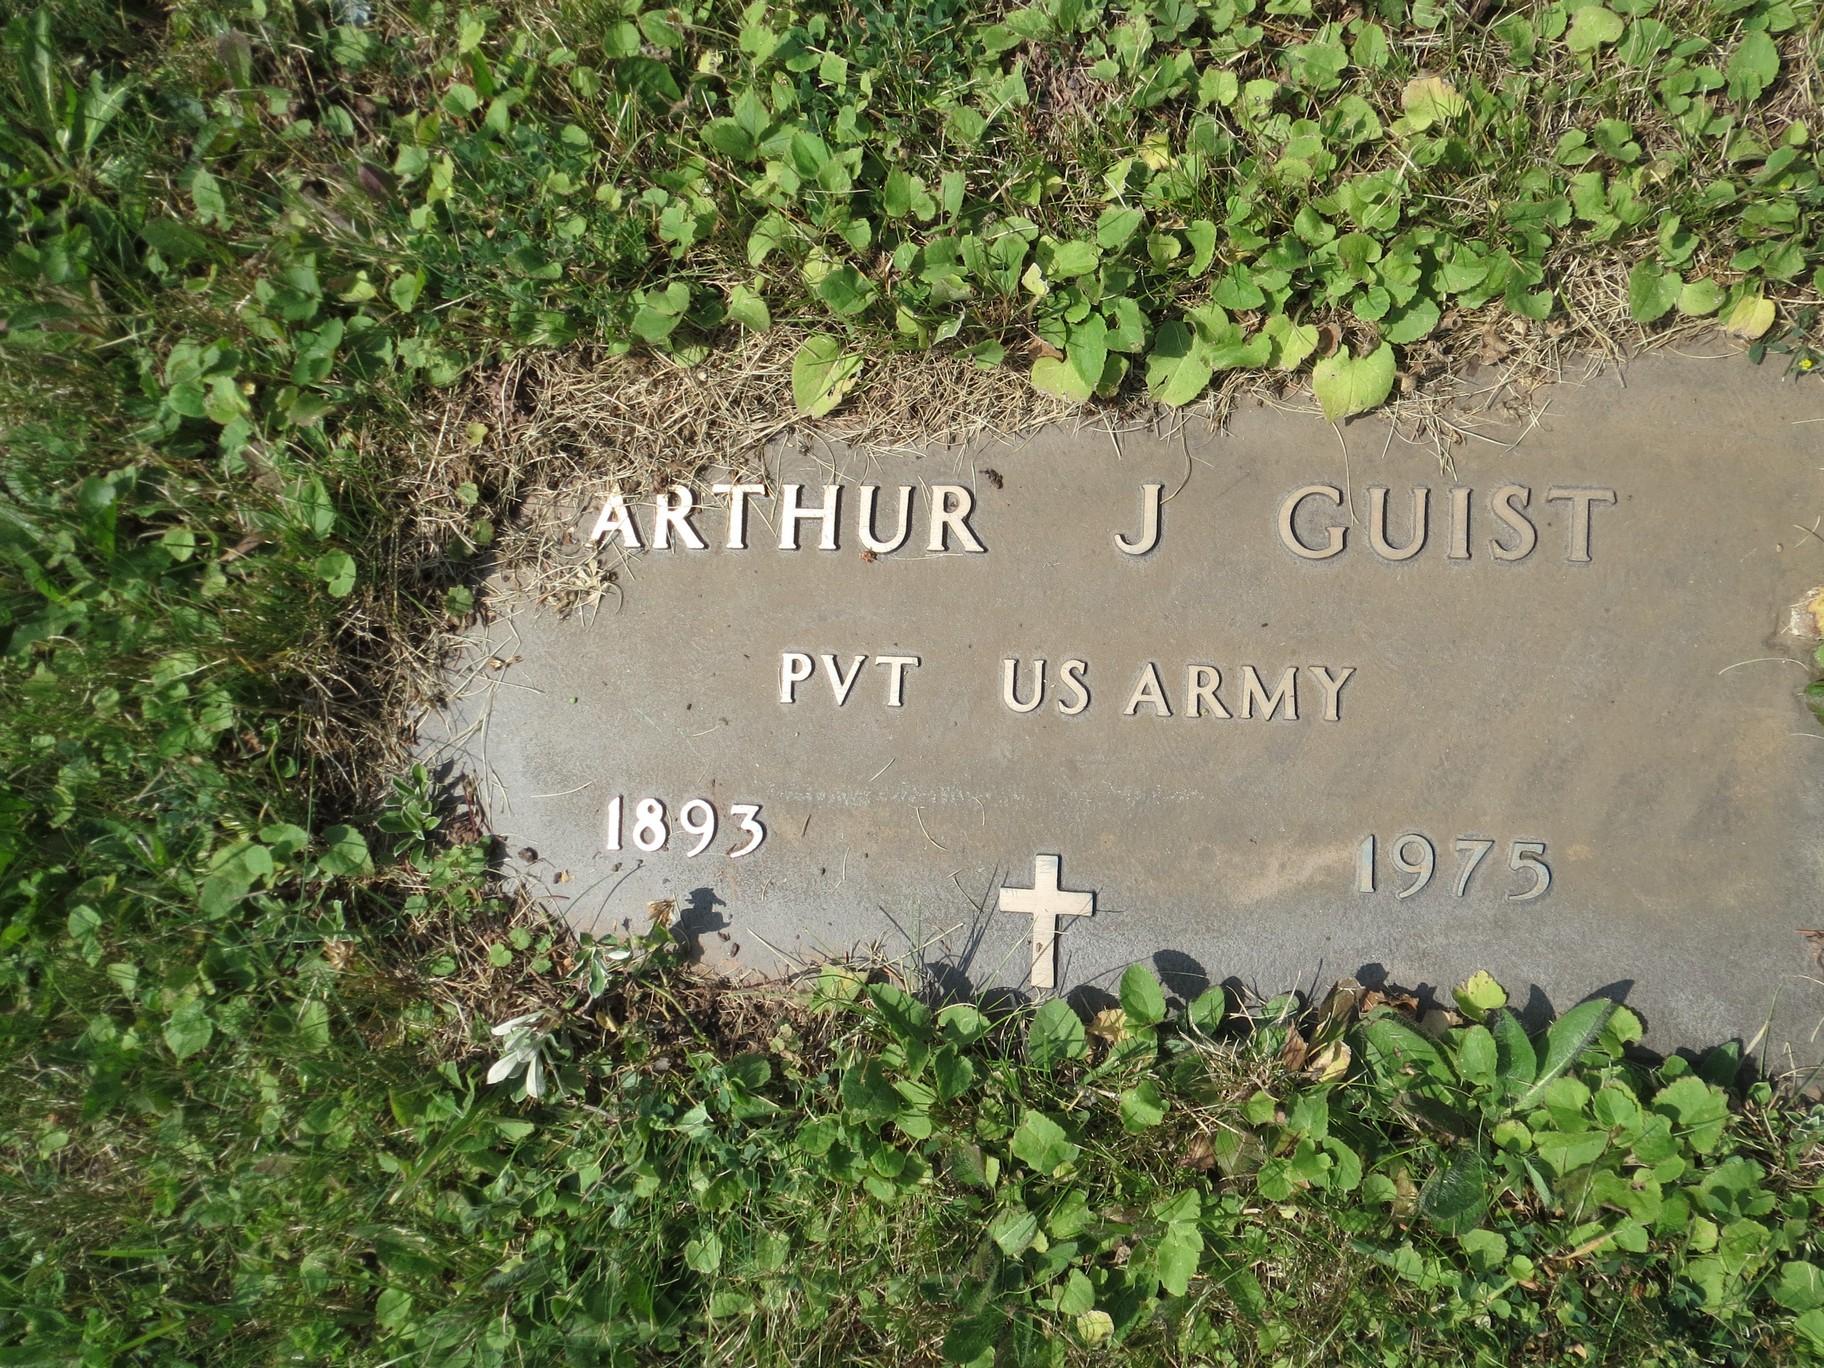 Arthur James Guist